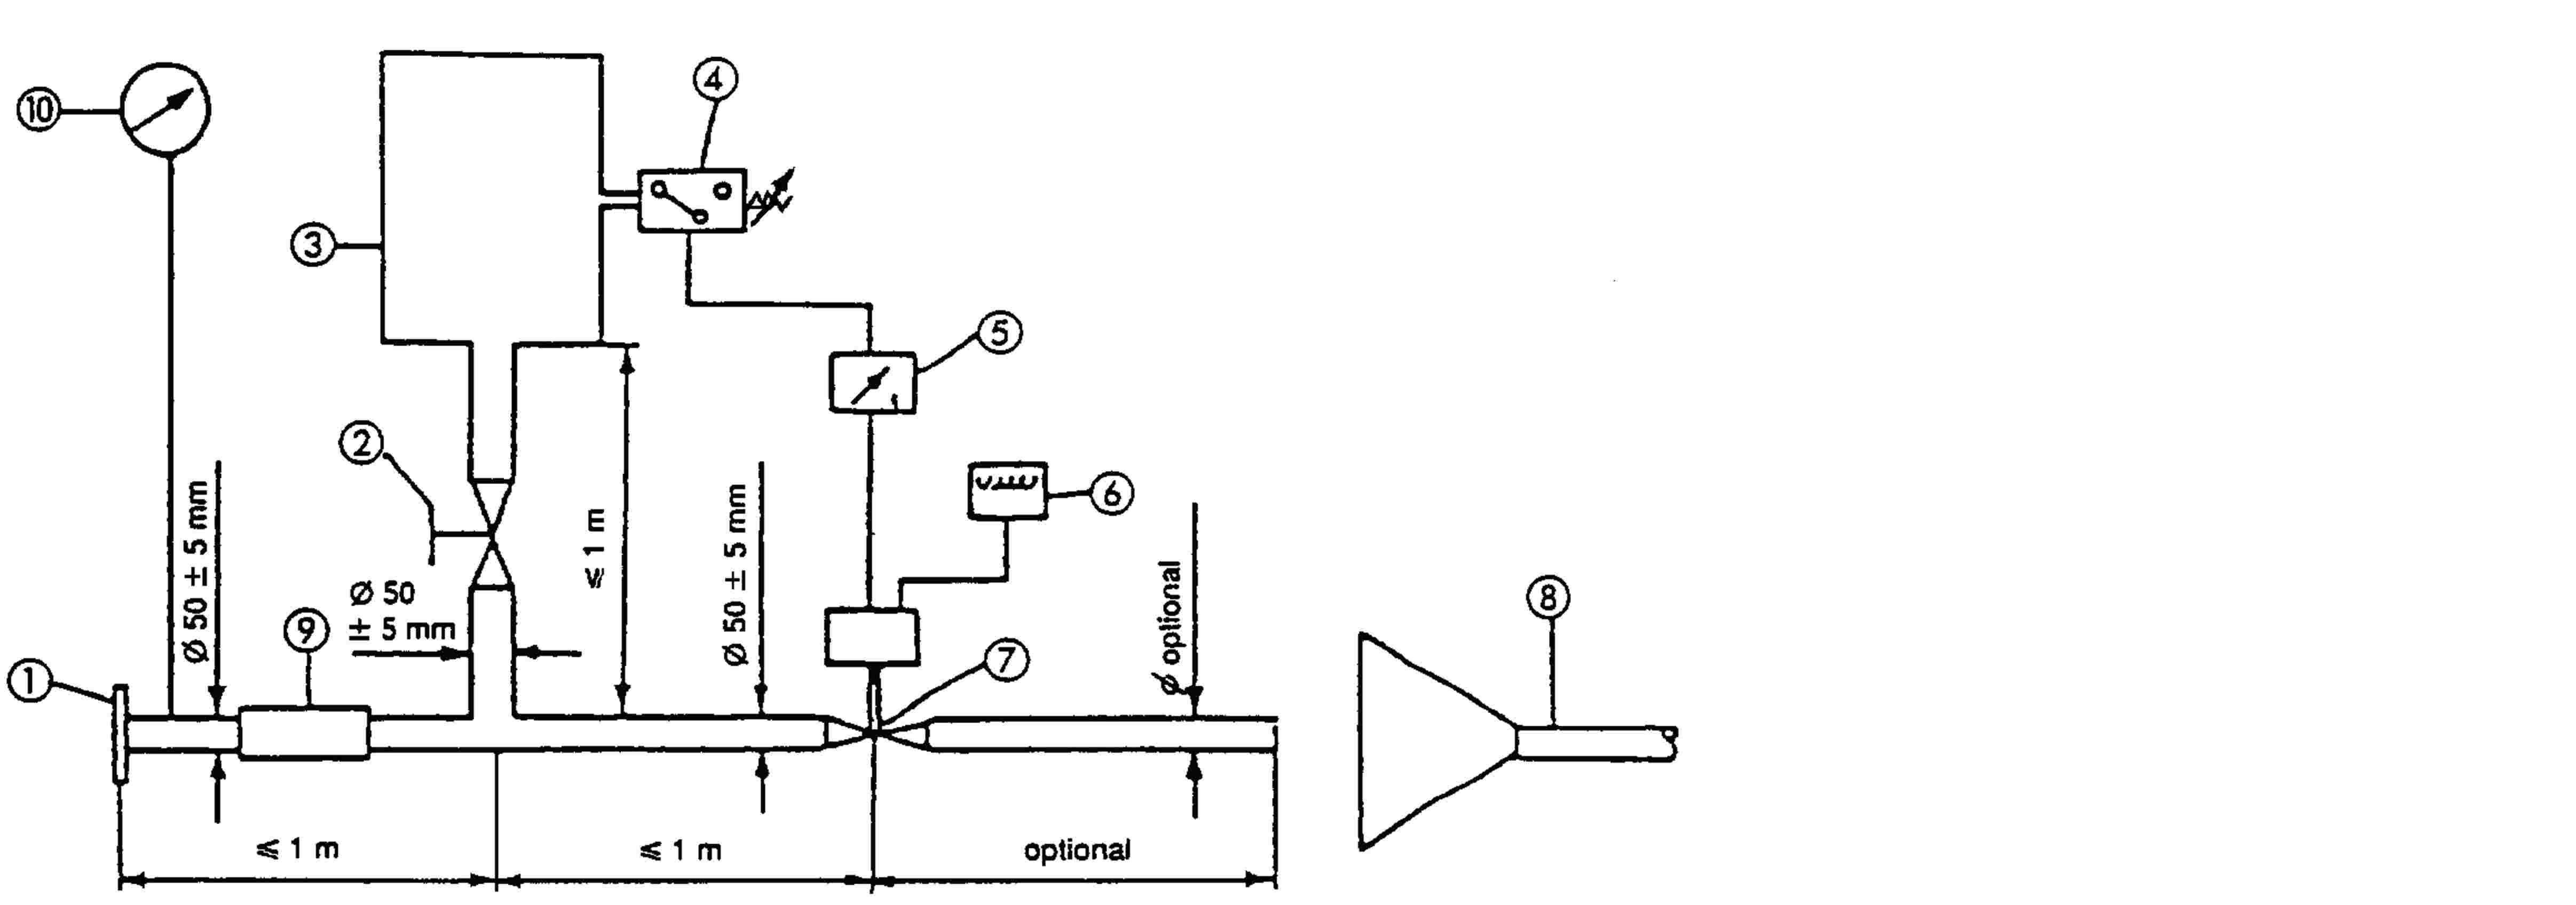 Eur Lex 32014r0540 En 12 Lead Motor Wiring Diagram Iec Image